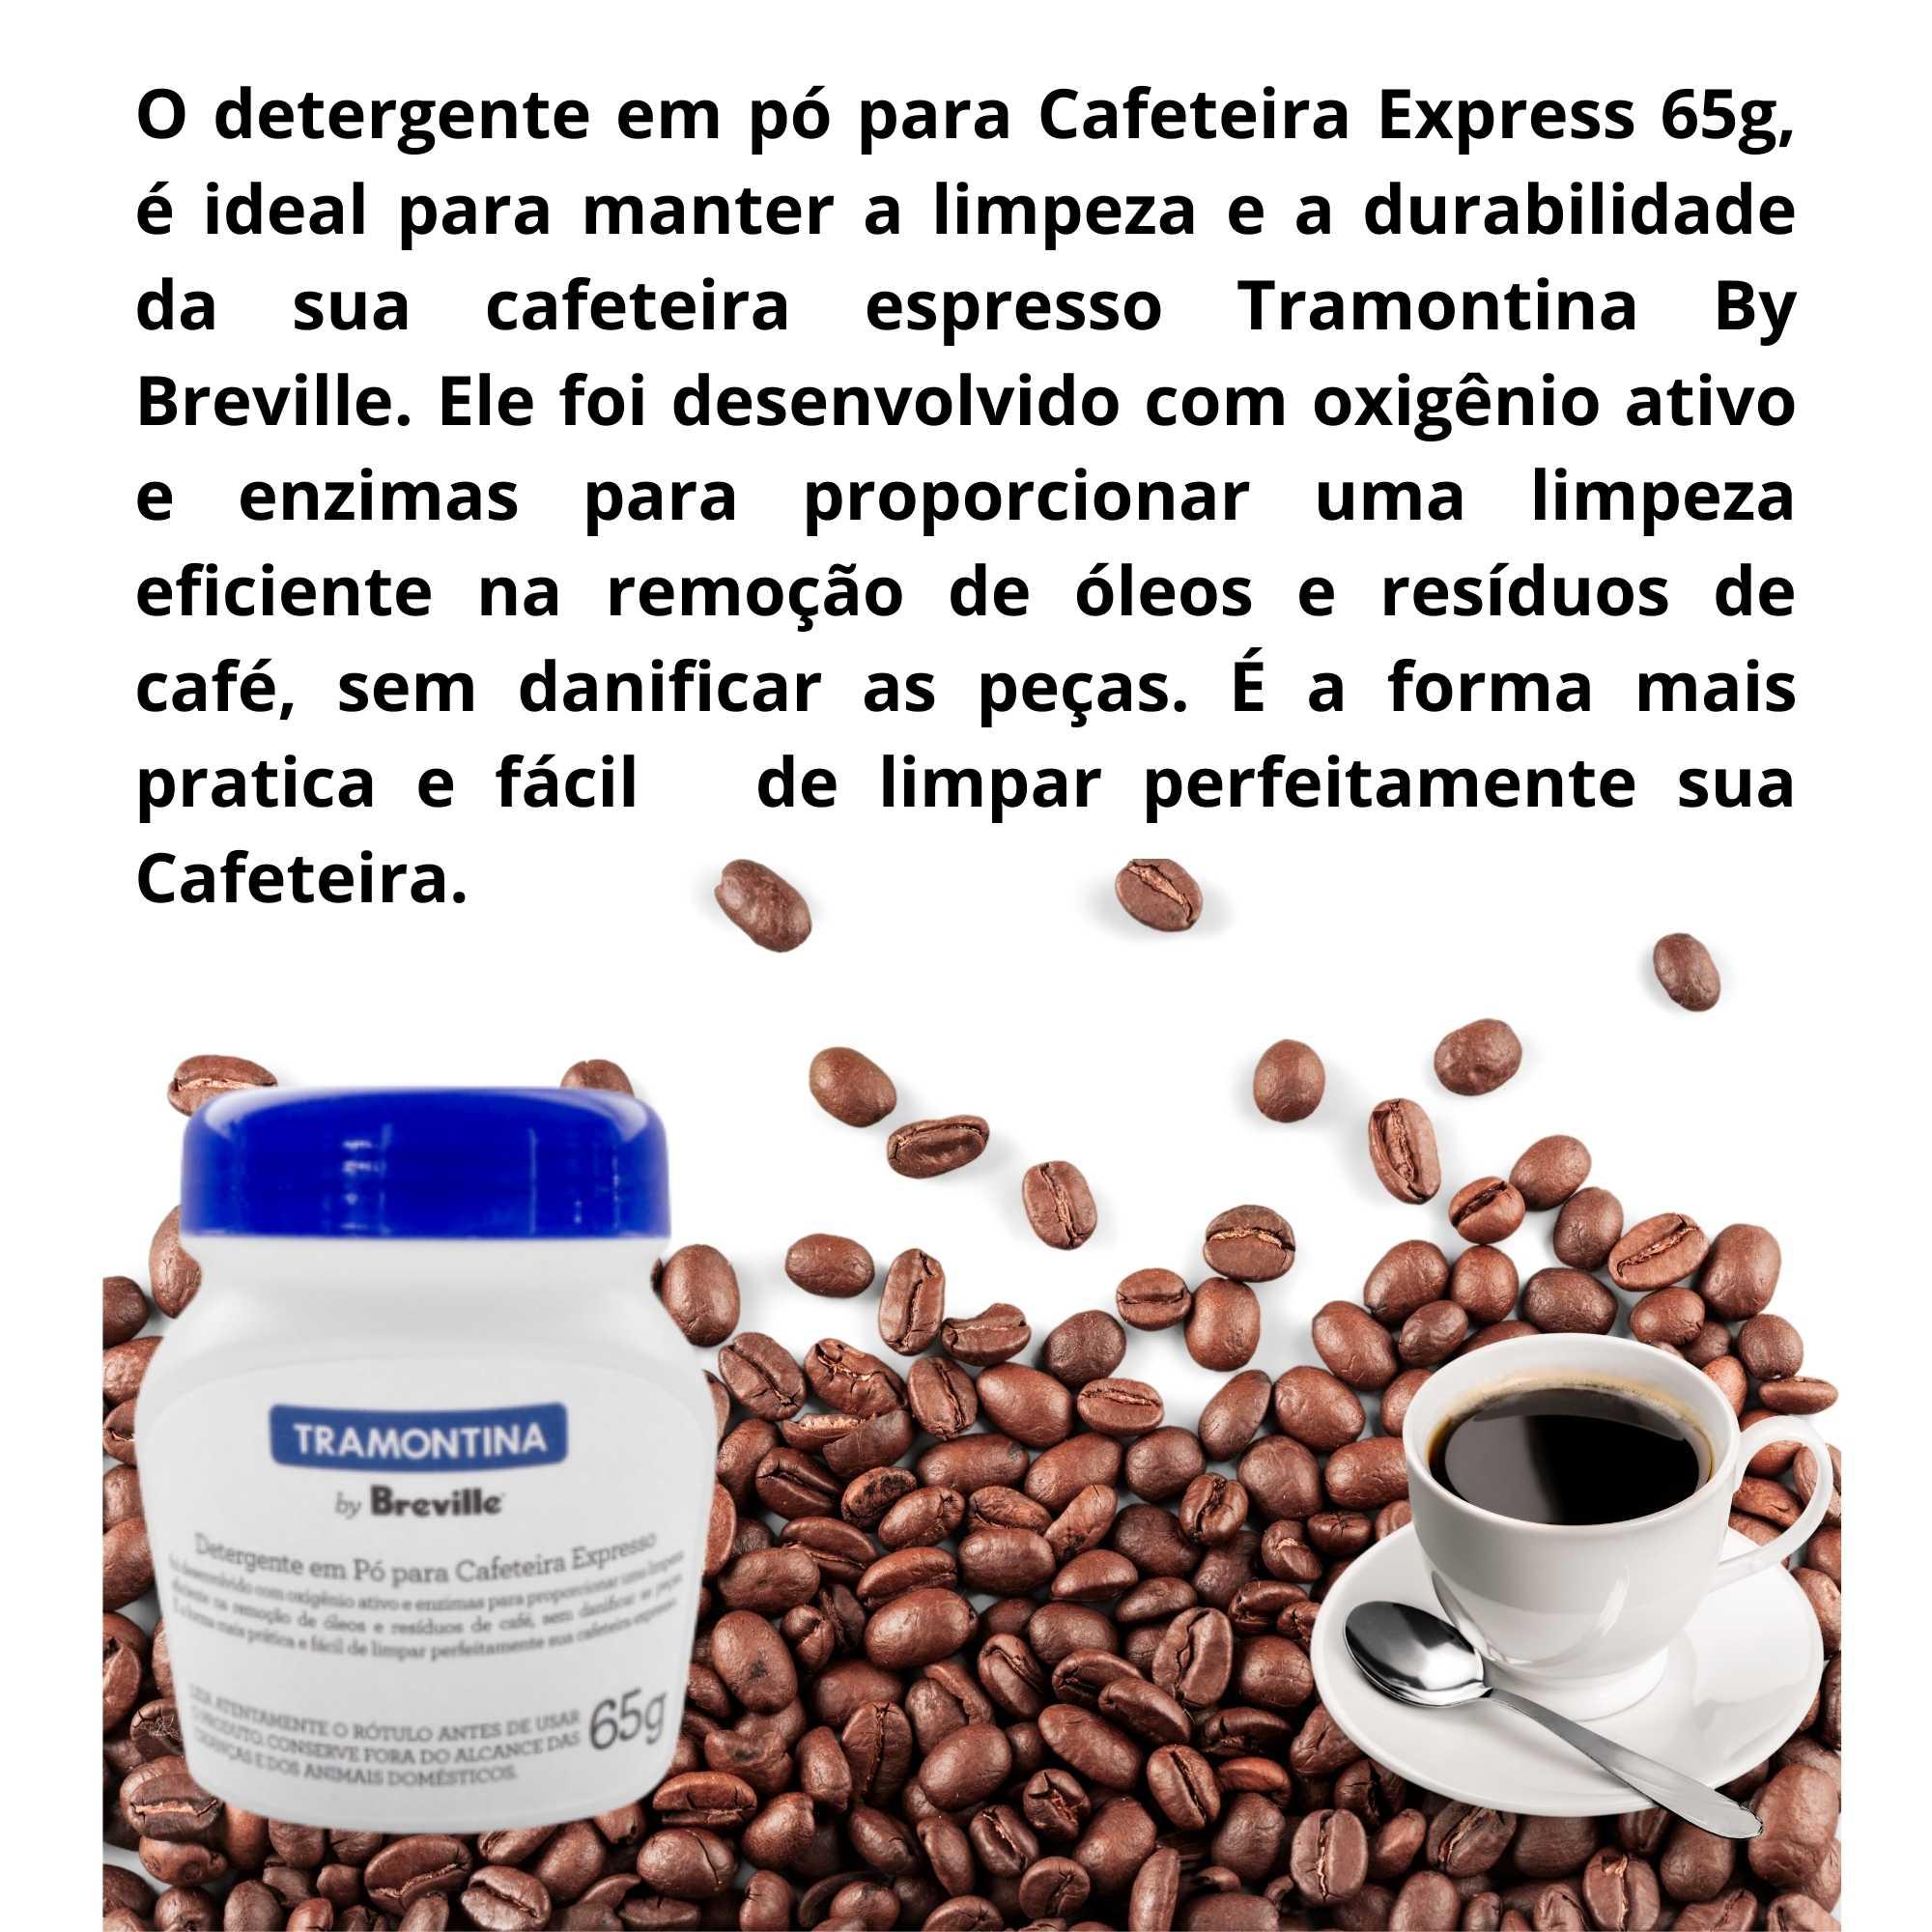 Cafeteira Breville Express Pro 69066 Inox 220V com Detergente pó para Cafeteira Tramontina  - Sua Casa Gourmet e Cia